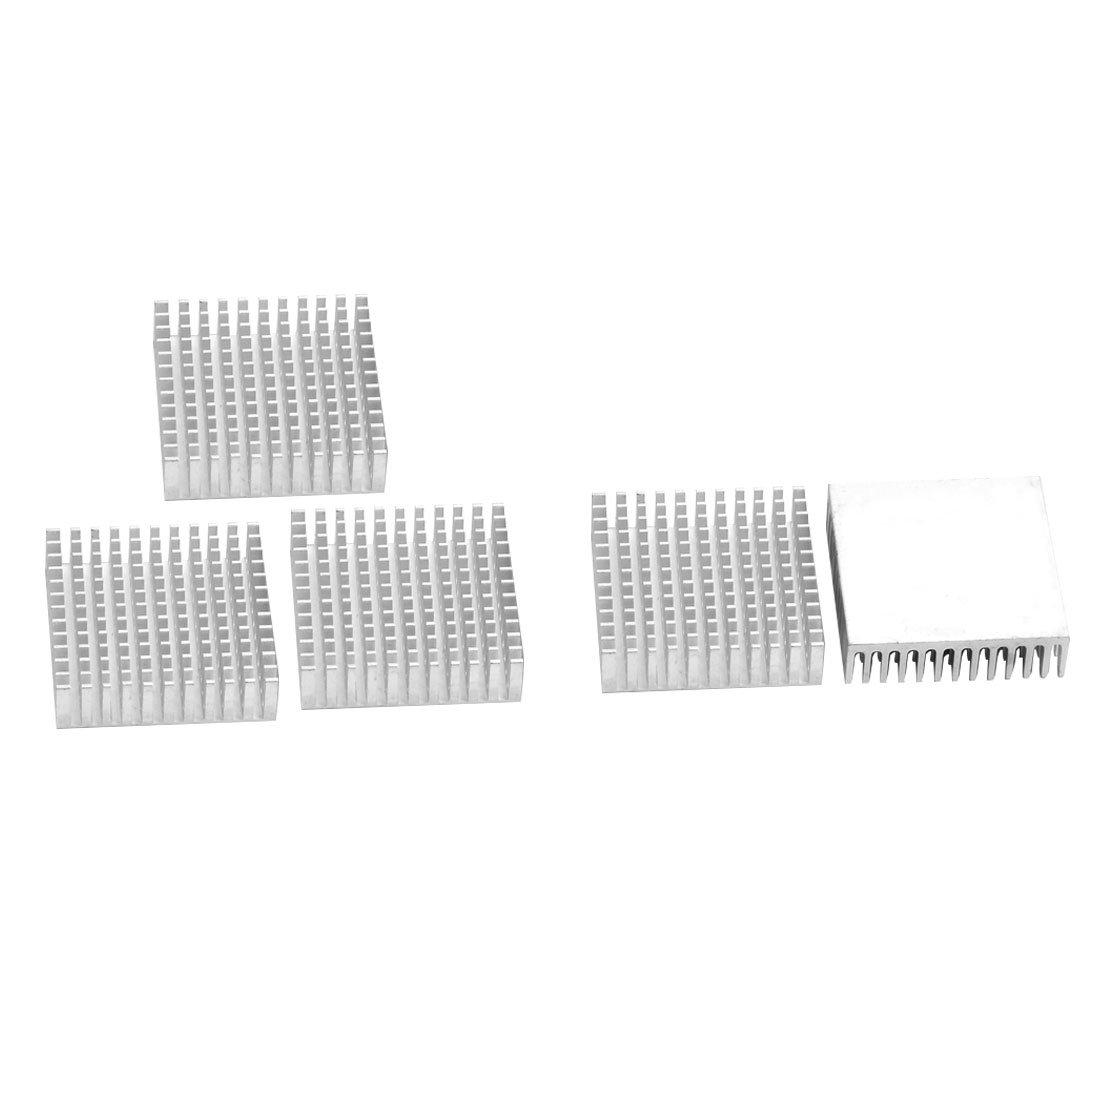 sourcingmap® Ailettes refroidissement Dissipateur Aluminium ton argent refroidisseur 40mm x 40mm x 11mm 5 pcs sourcing map a16080300ux0151